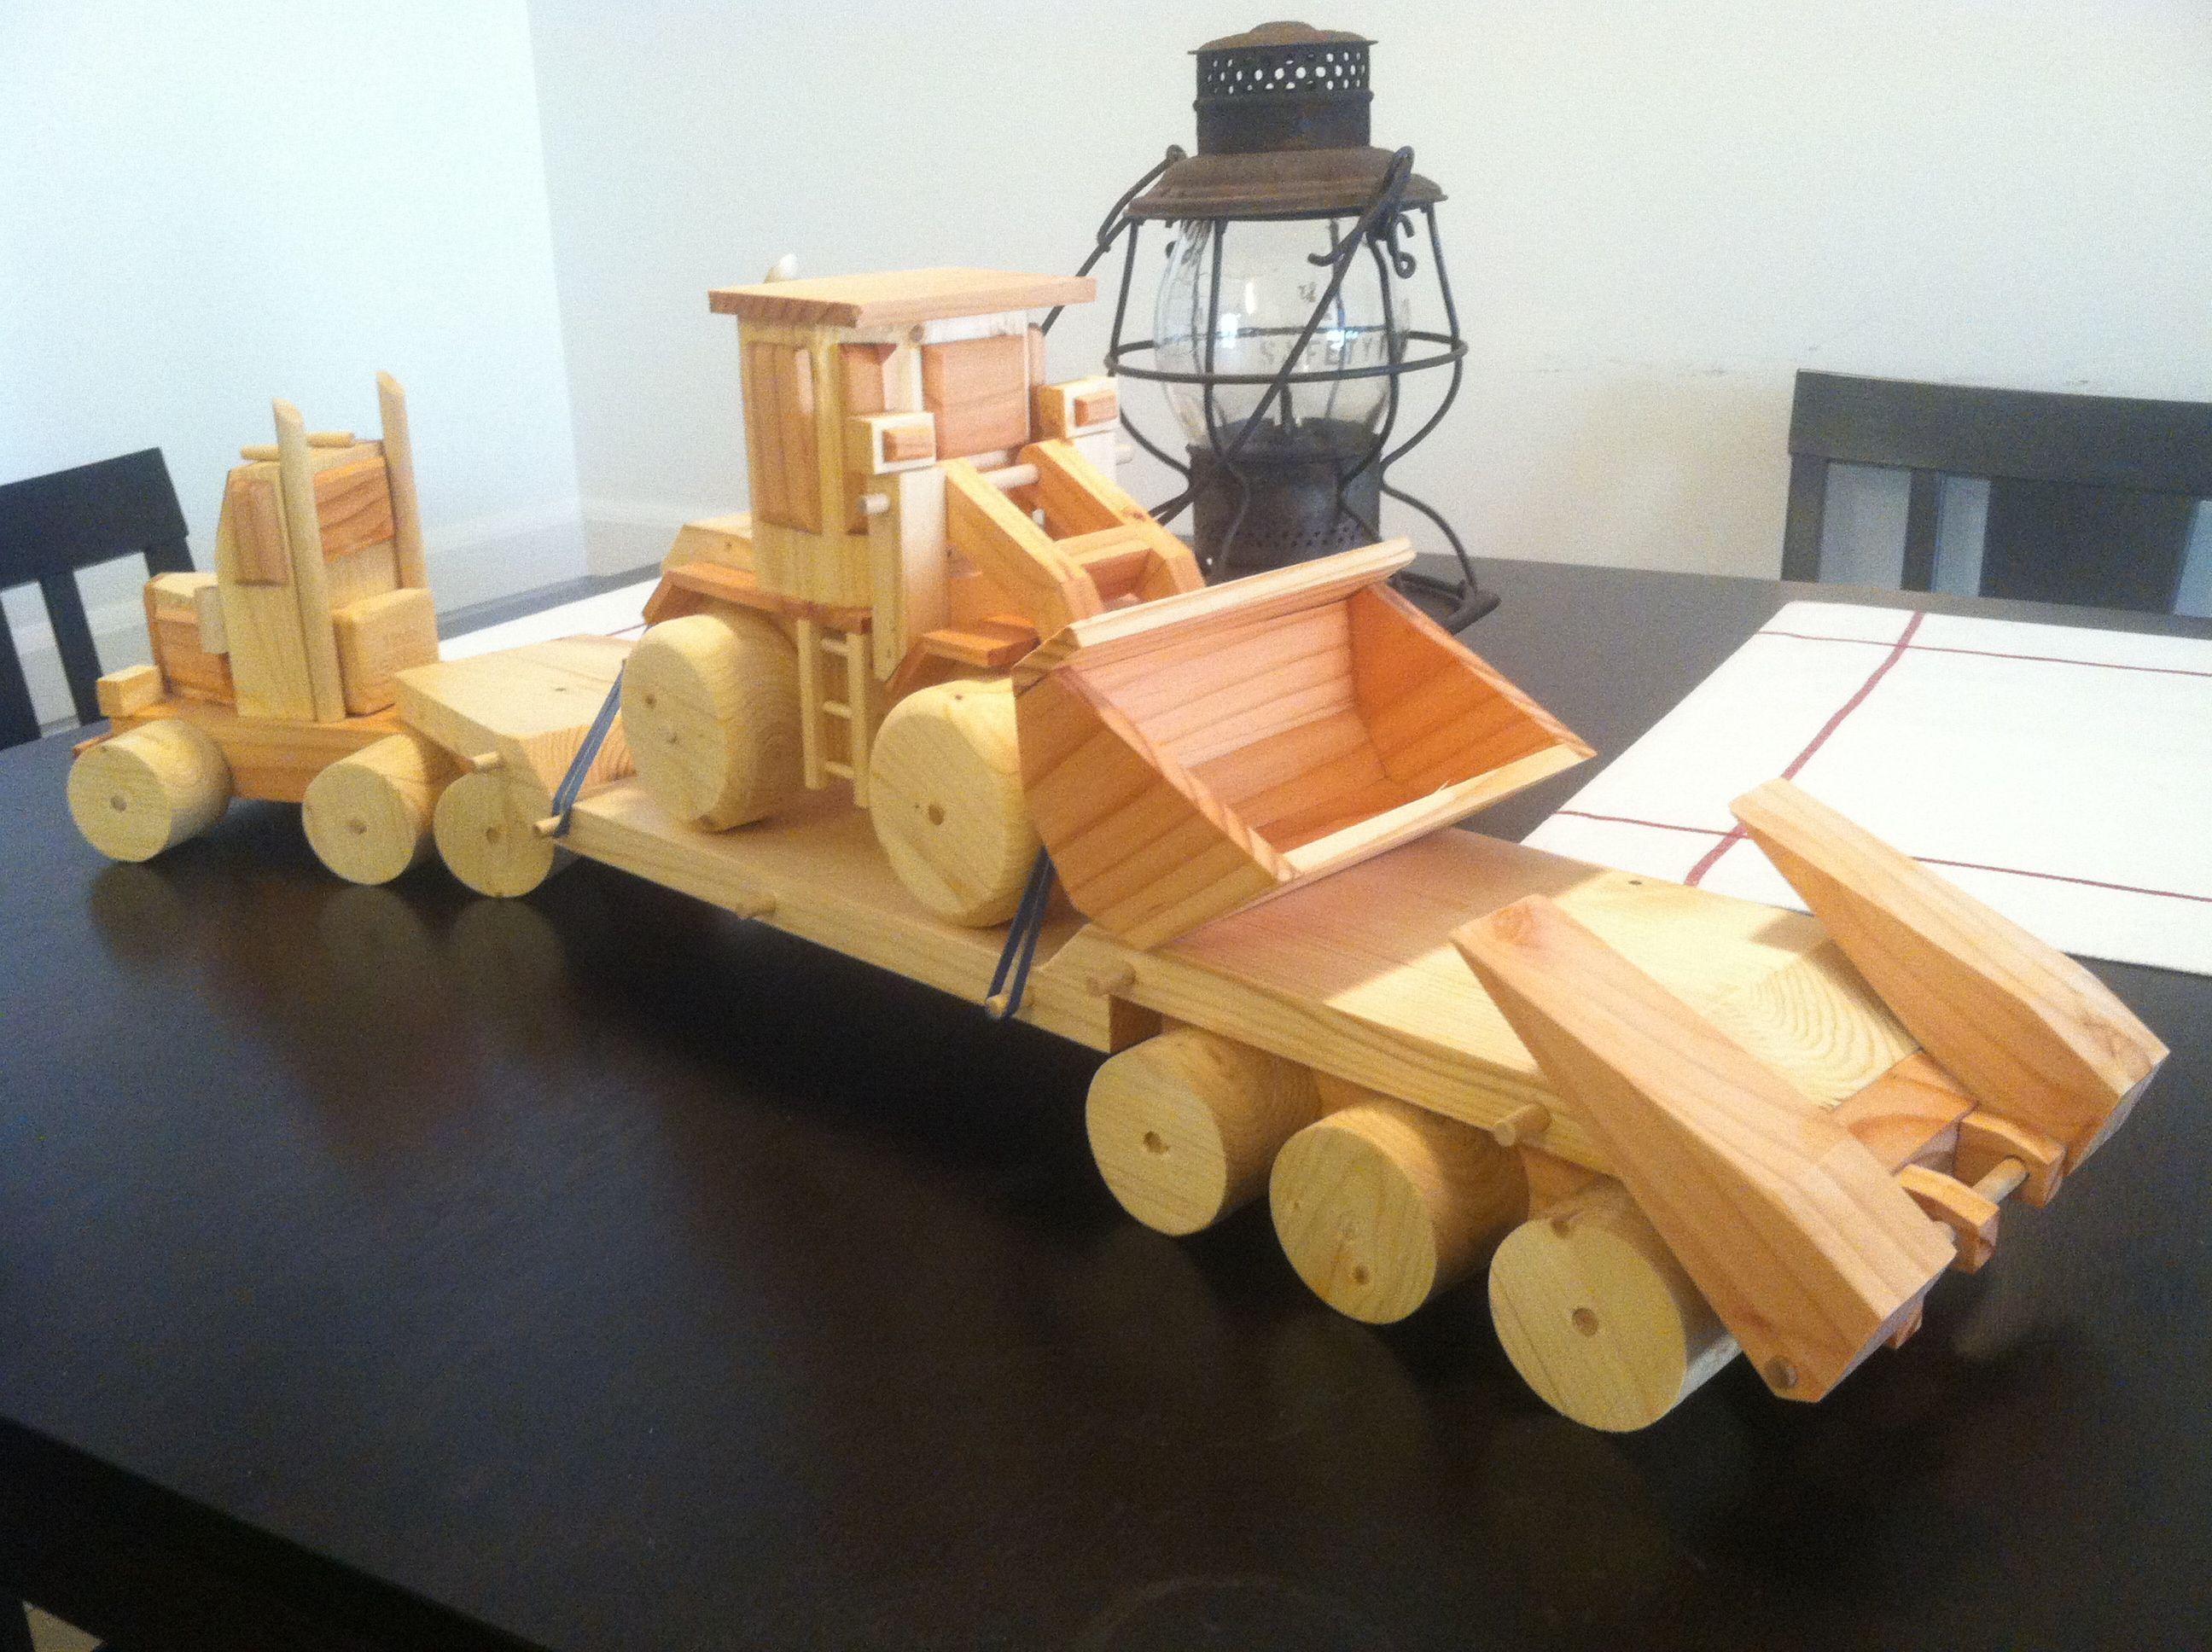 Pin by Blain Bennett on wooden toy trucks | Pinterest